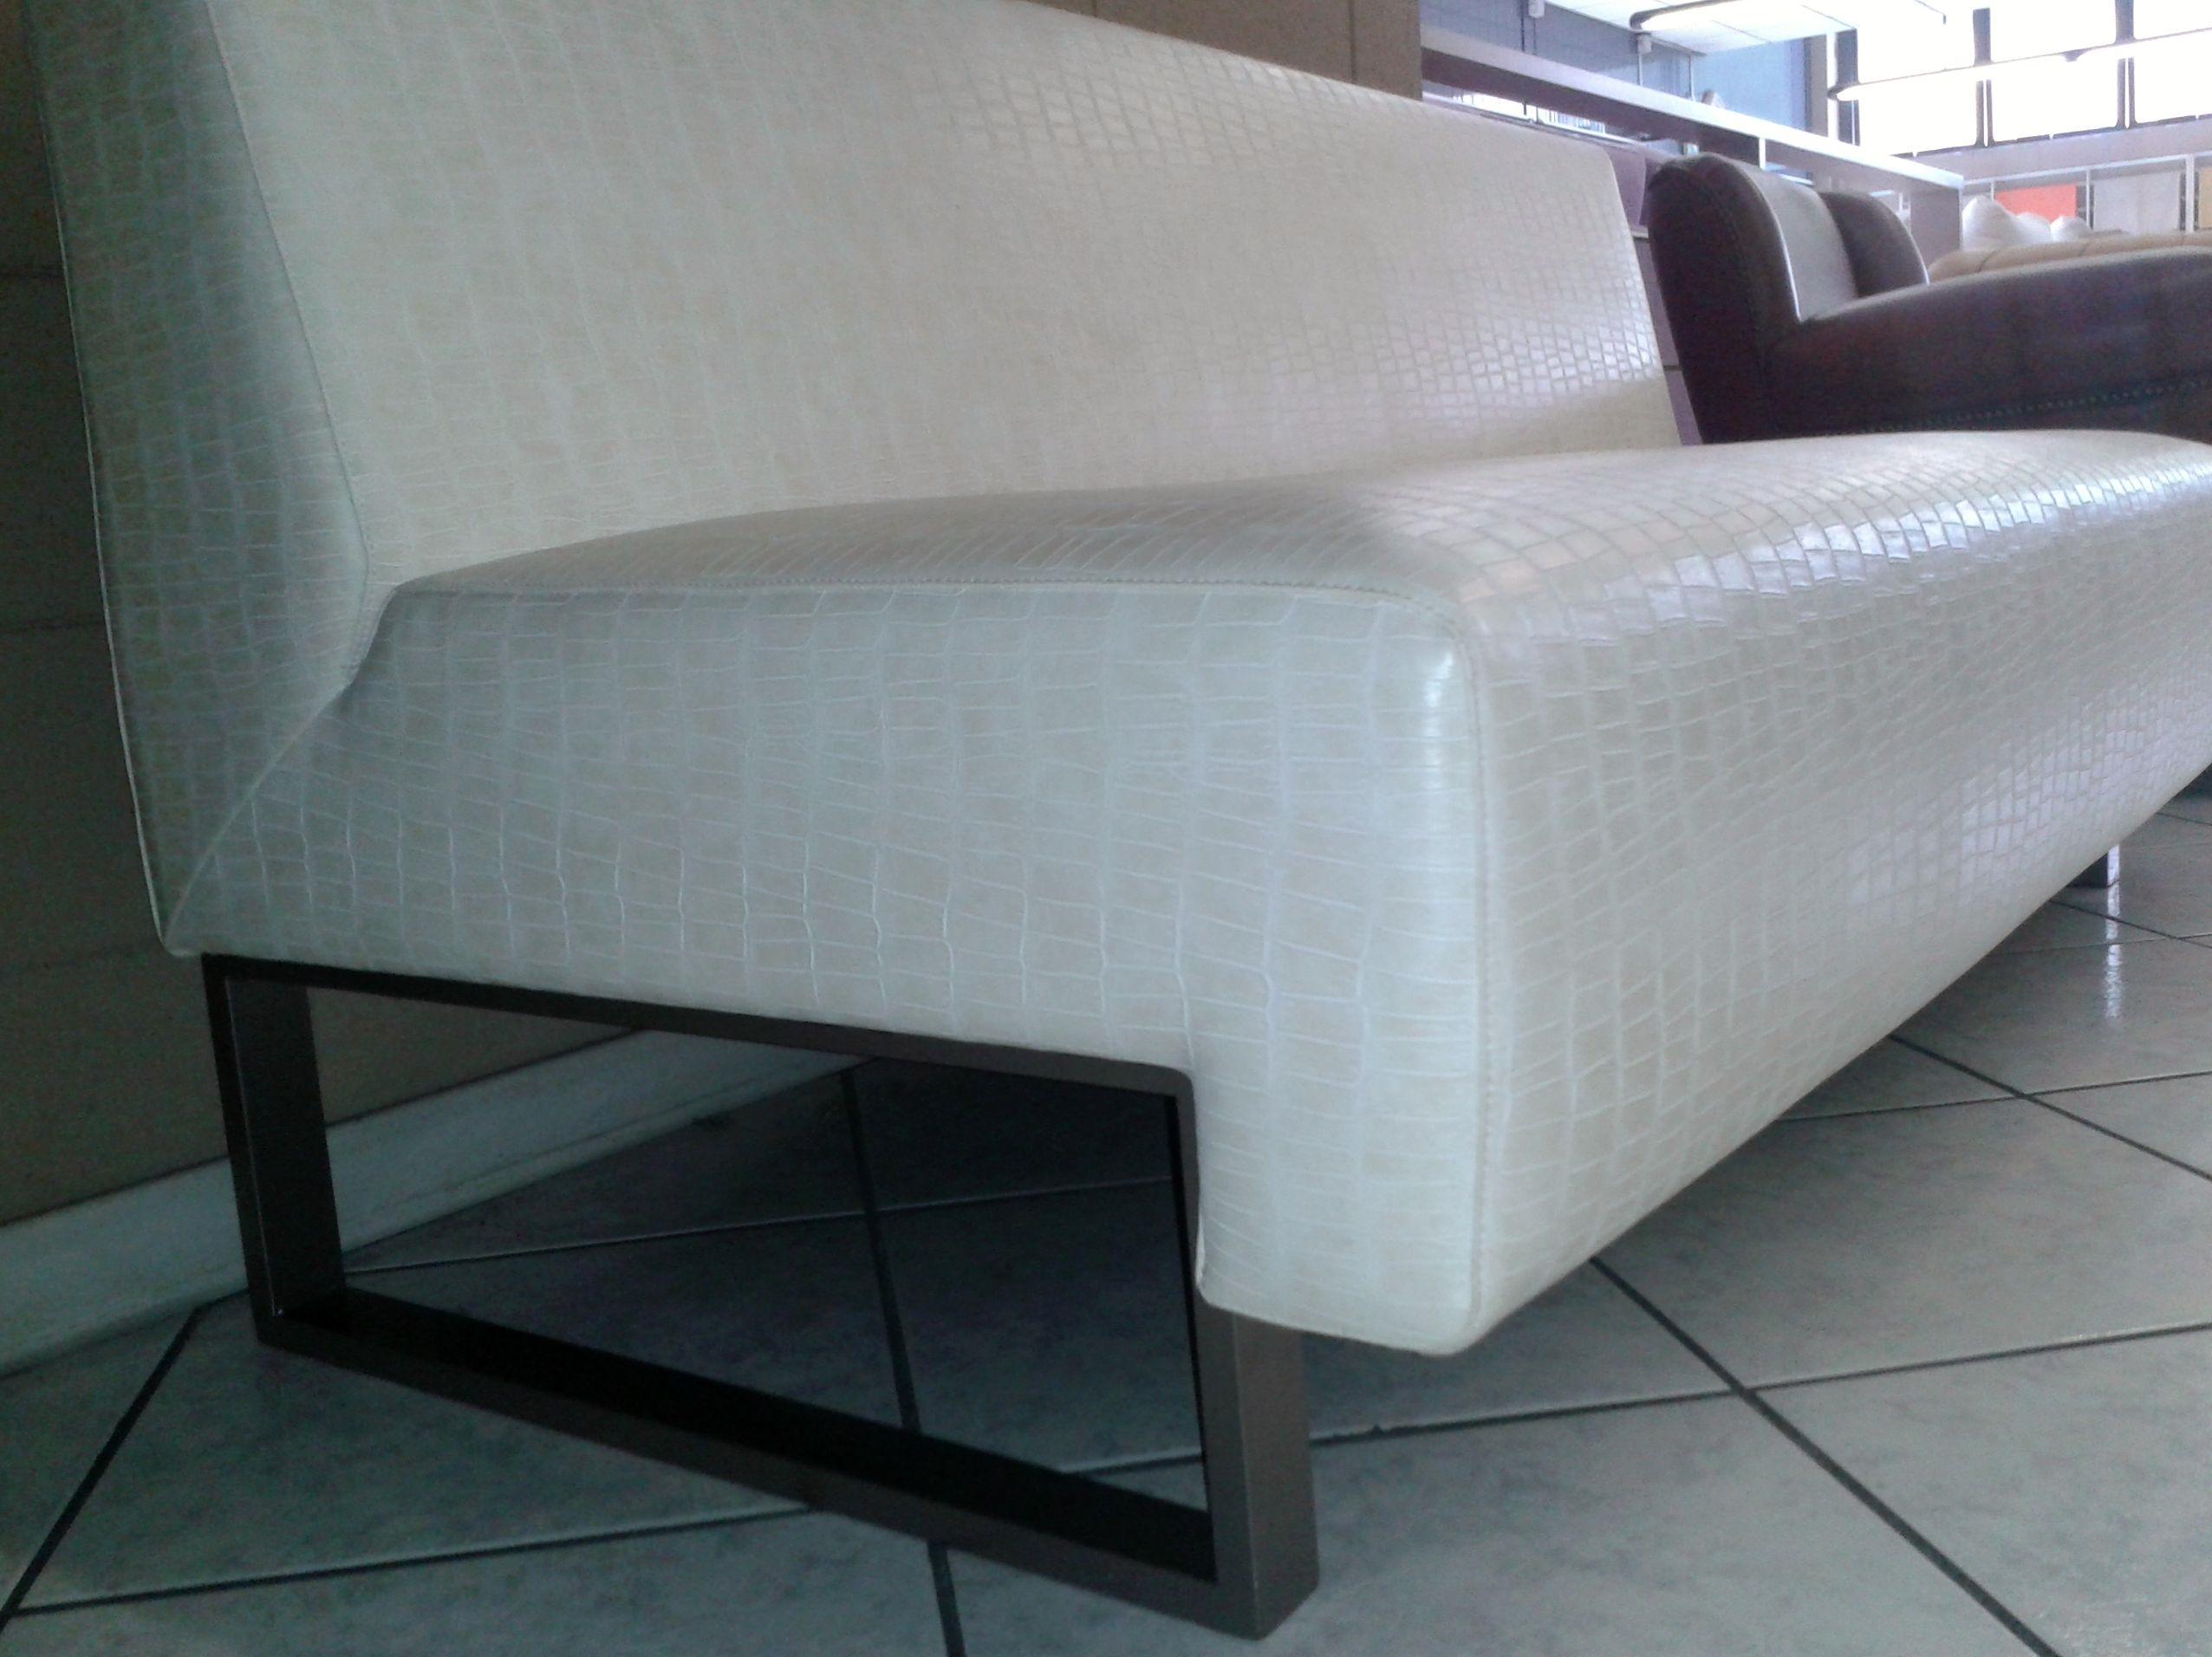 Panca Contenitore In Diversi Acquista Al Miglior Prezzo Con Pictures  #586973 2552 1912 Ikea Panca Con Appendiabiti